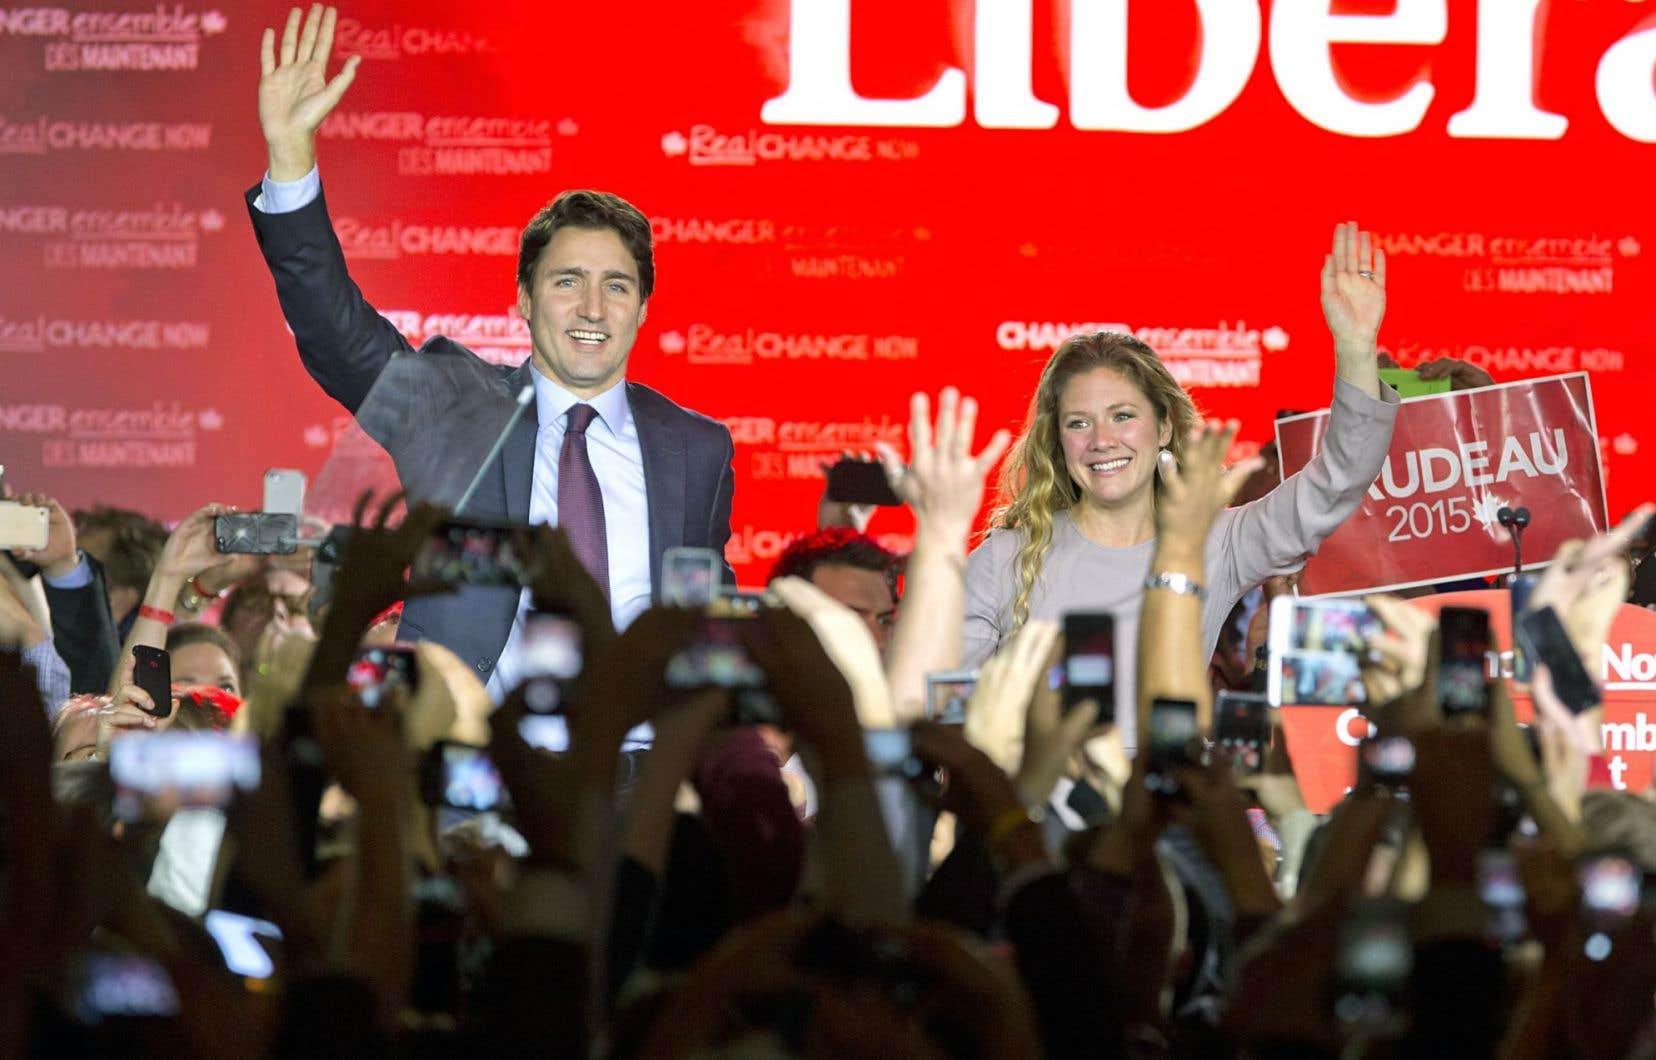 L'ampleur de la victoire libérale a surpris tout le monde, y compris les militants de « Justin ».